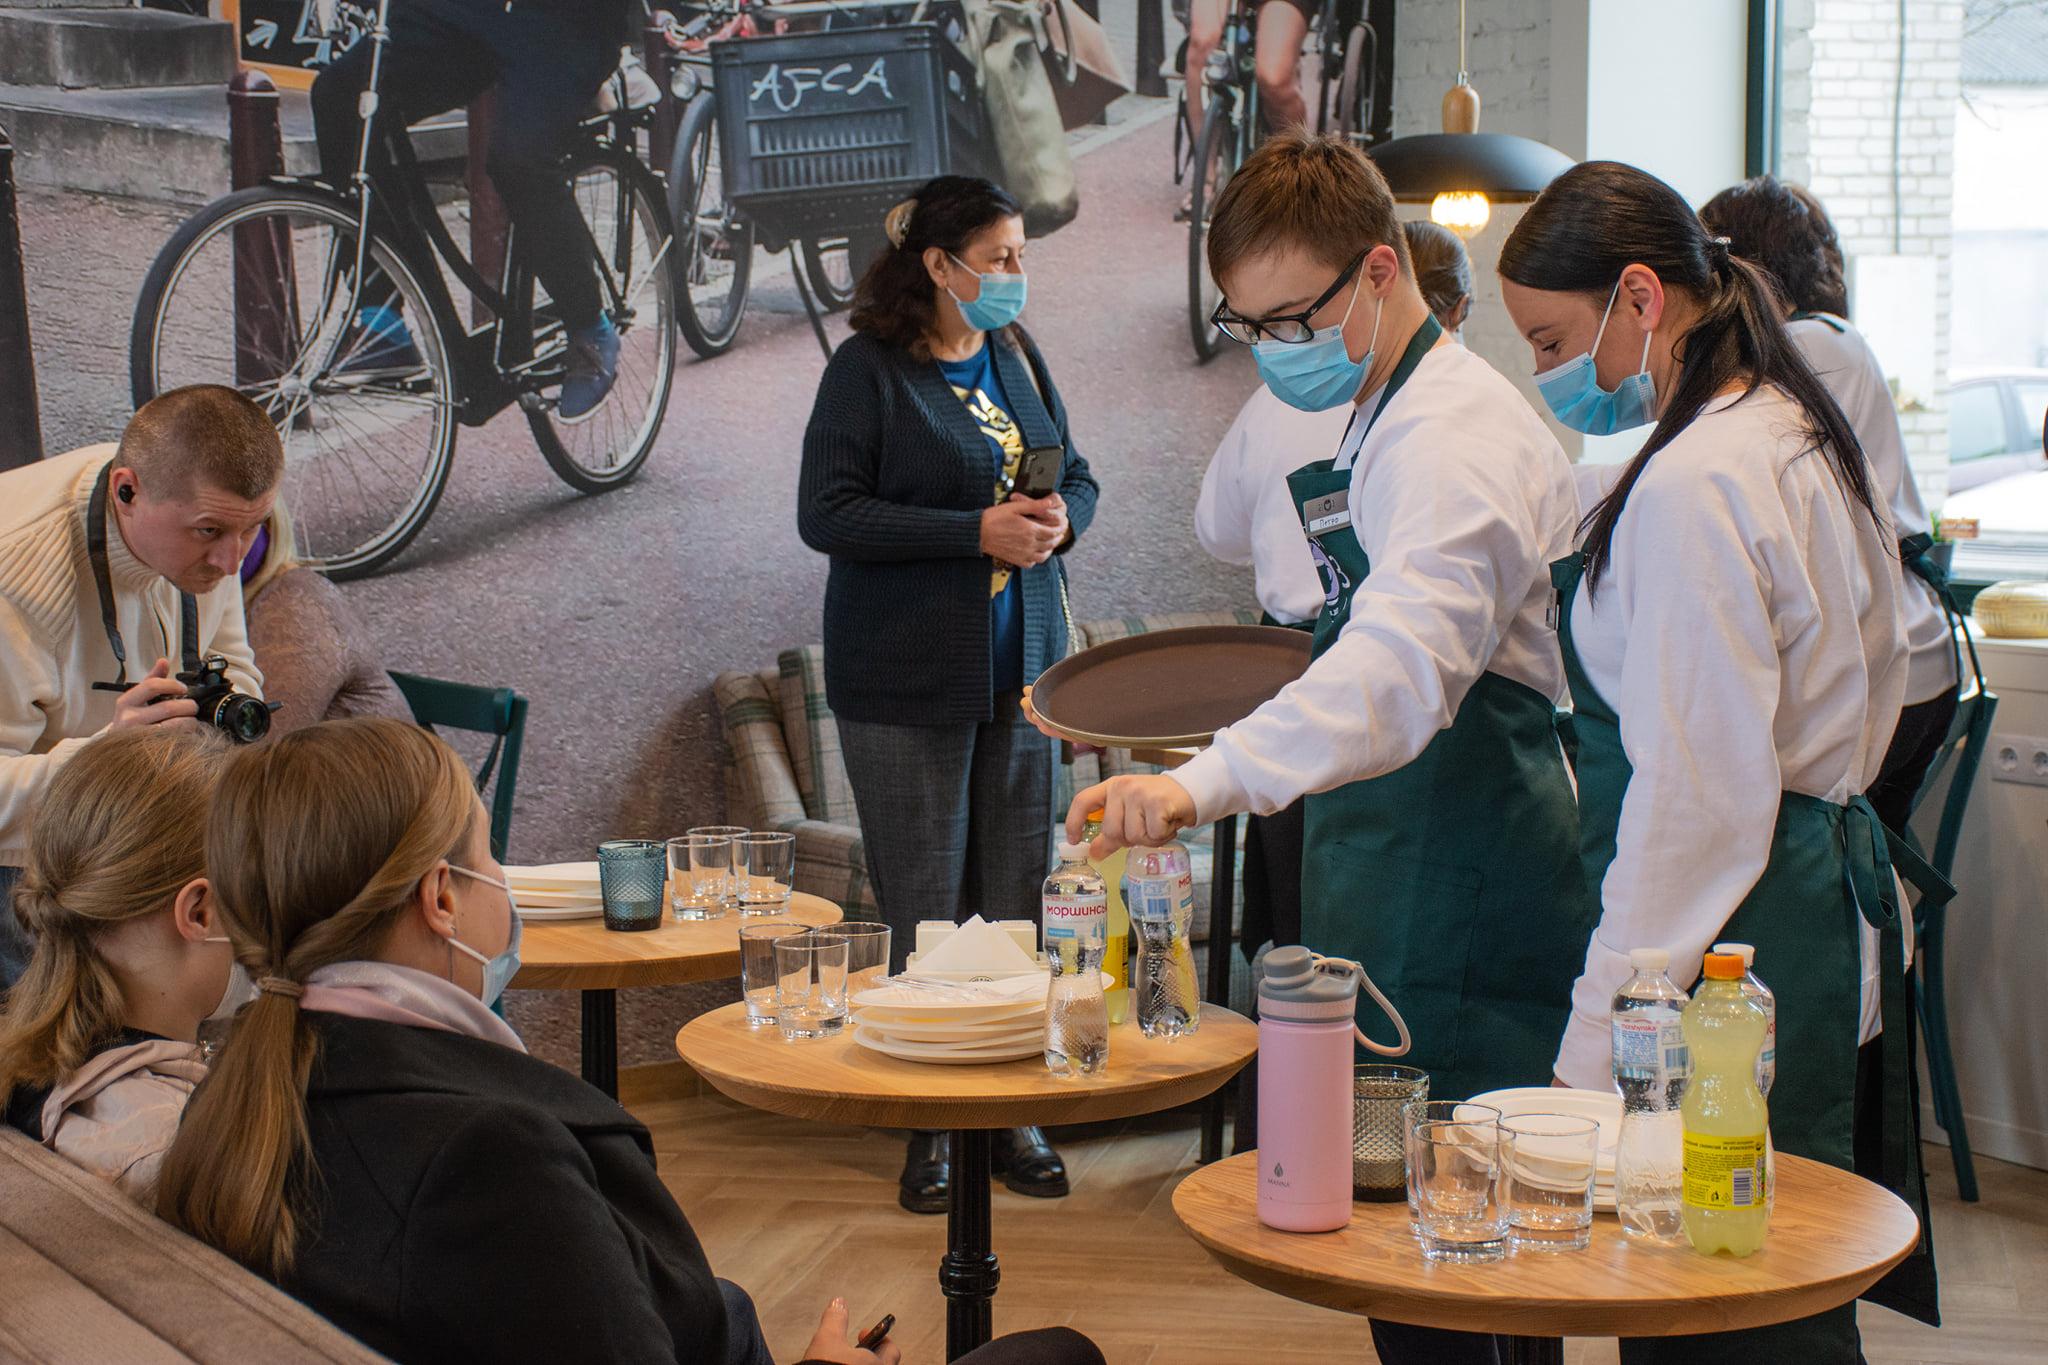 У Броварах відкрили кафе, де зможуть стажуватися люди з синдромом Дауна та аутизмом